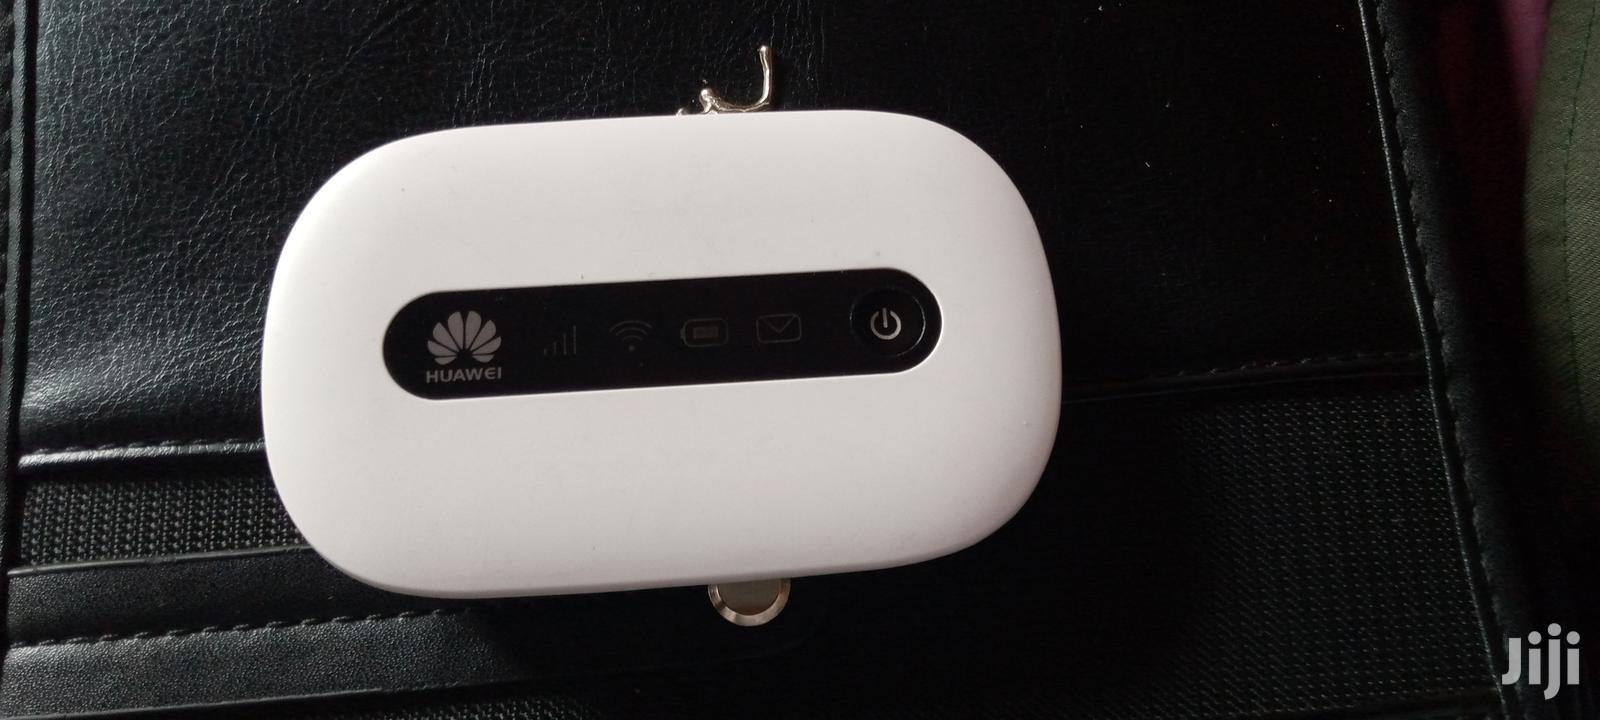 Archive: Huawei Mifi Modem